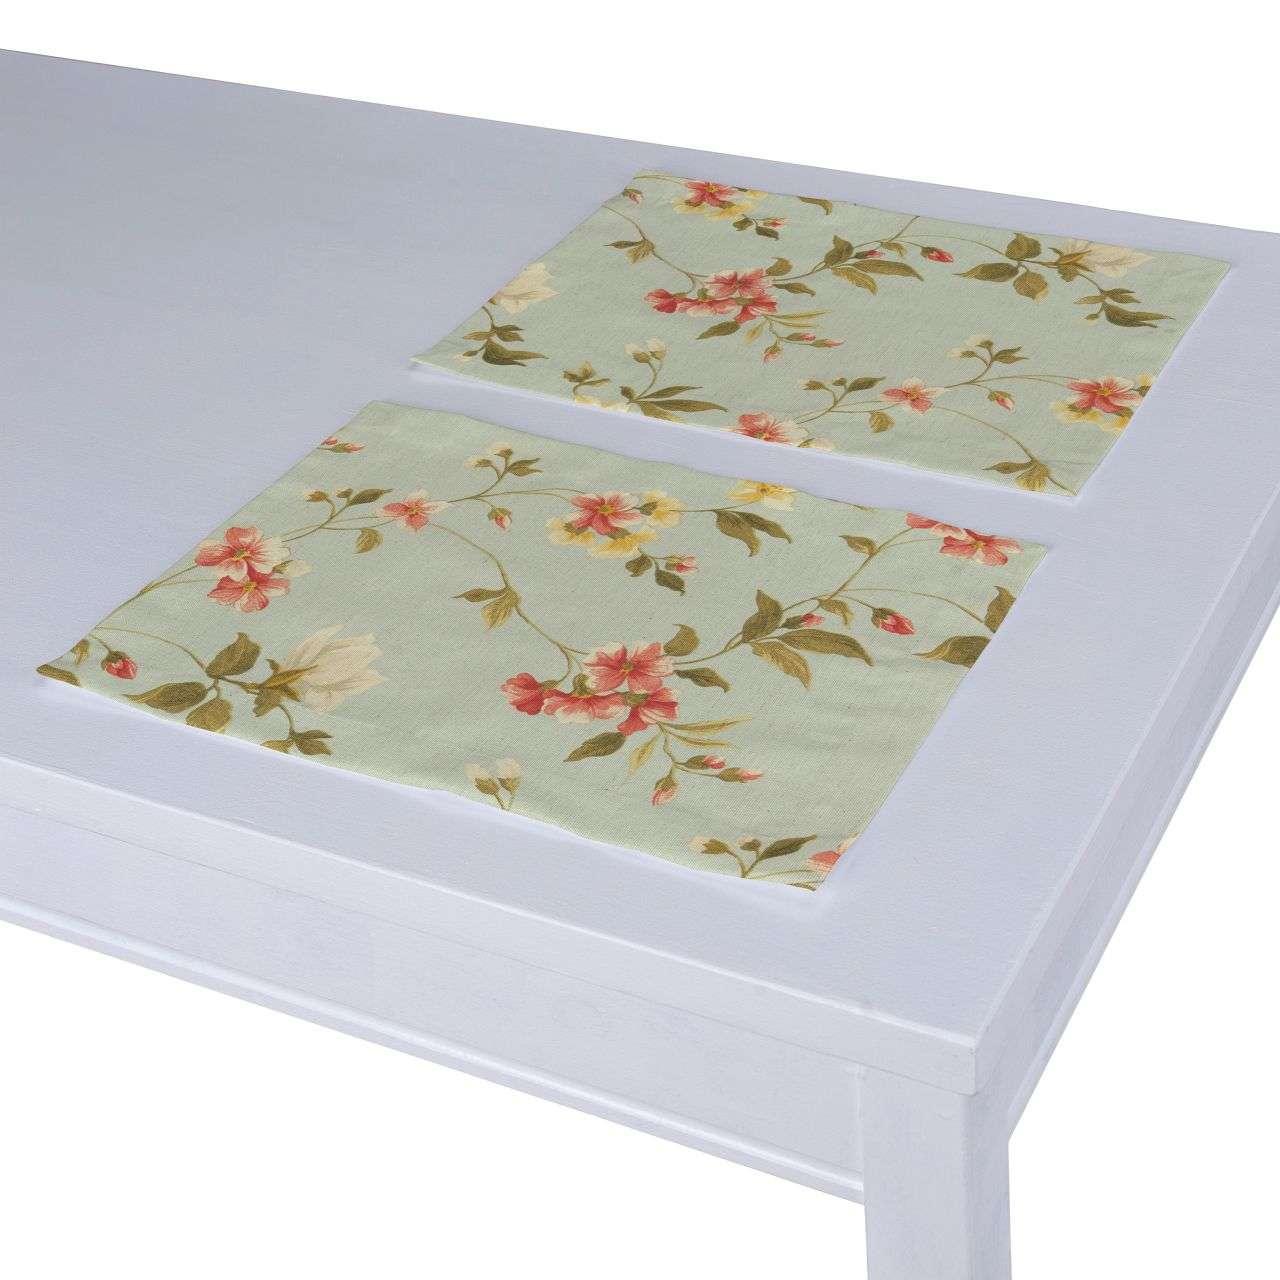 Tischset 2 Stck. 30 x 40 cm von der Kollektion Londres, Stoff: 124-65